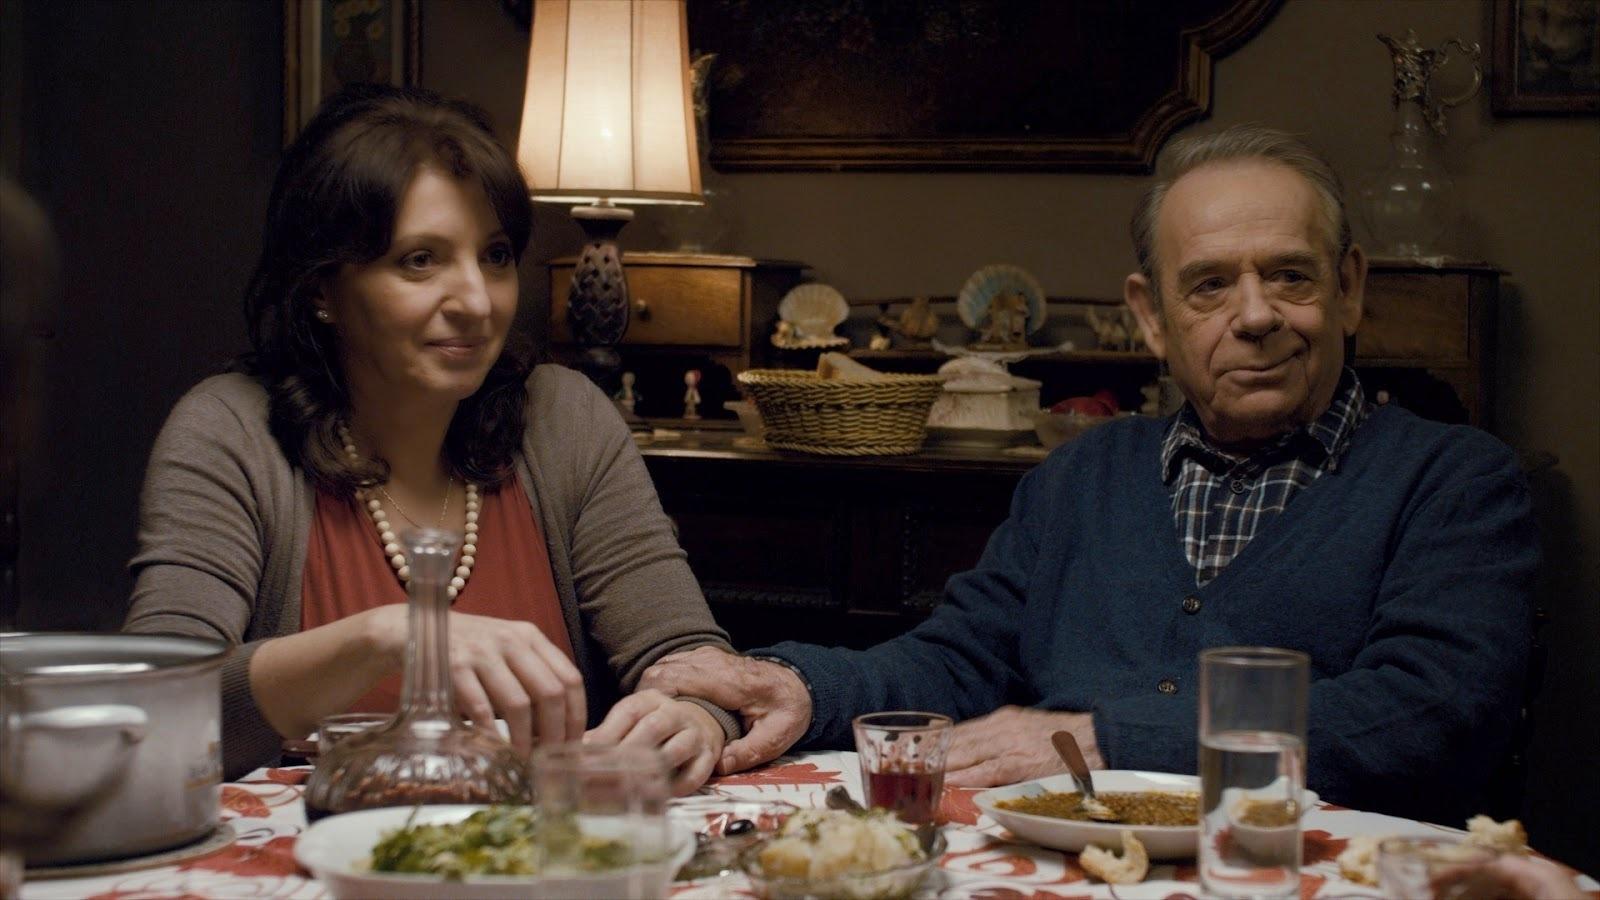 Γκαζ και Σαρλότ τζώργκιη ακτή χρονολογουν 2013 ραντεβού με έναν 40 χρονο γέρο